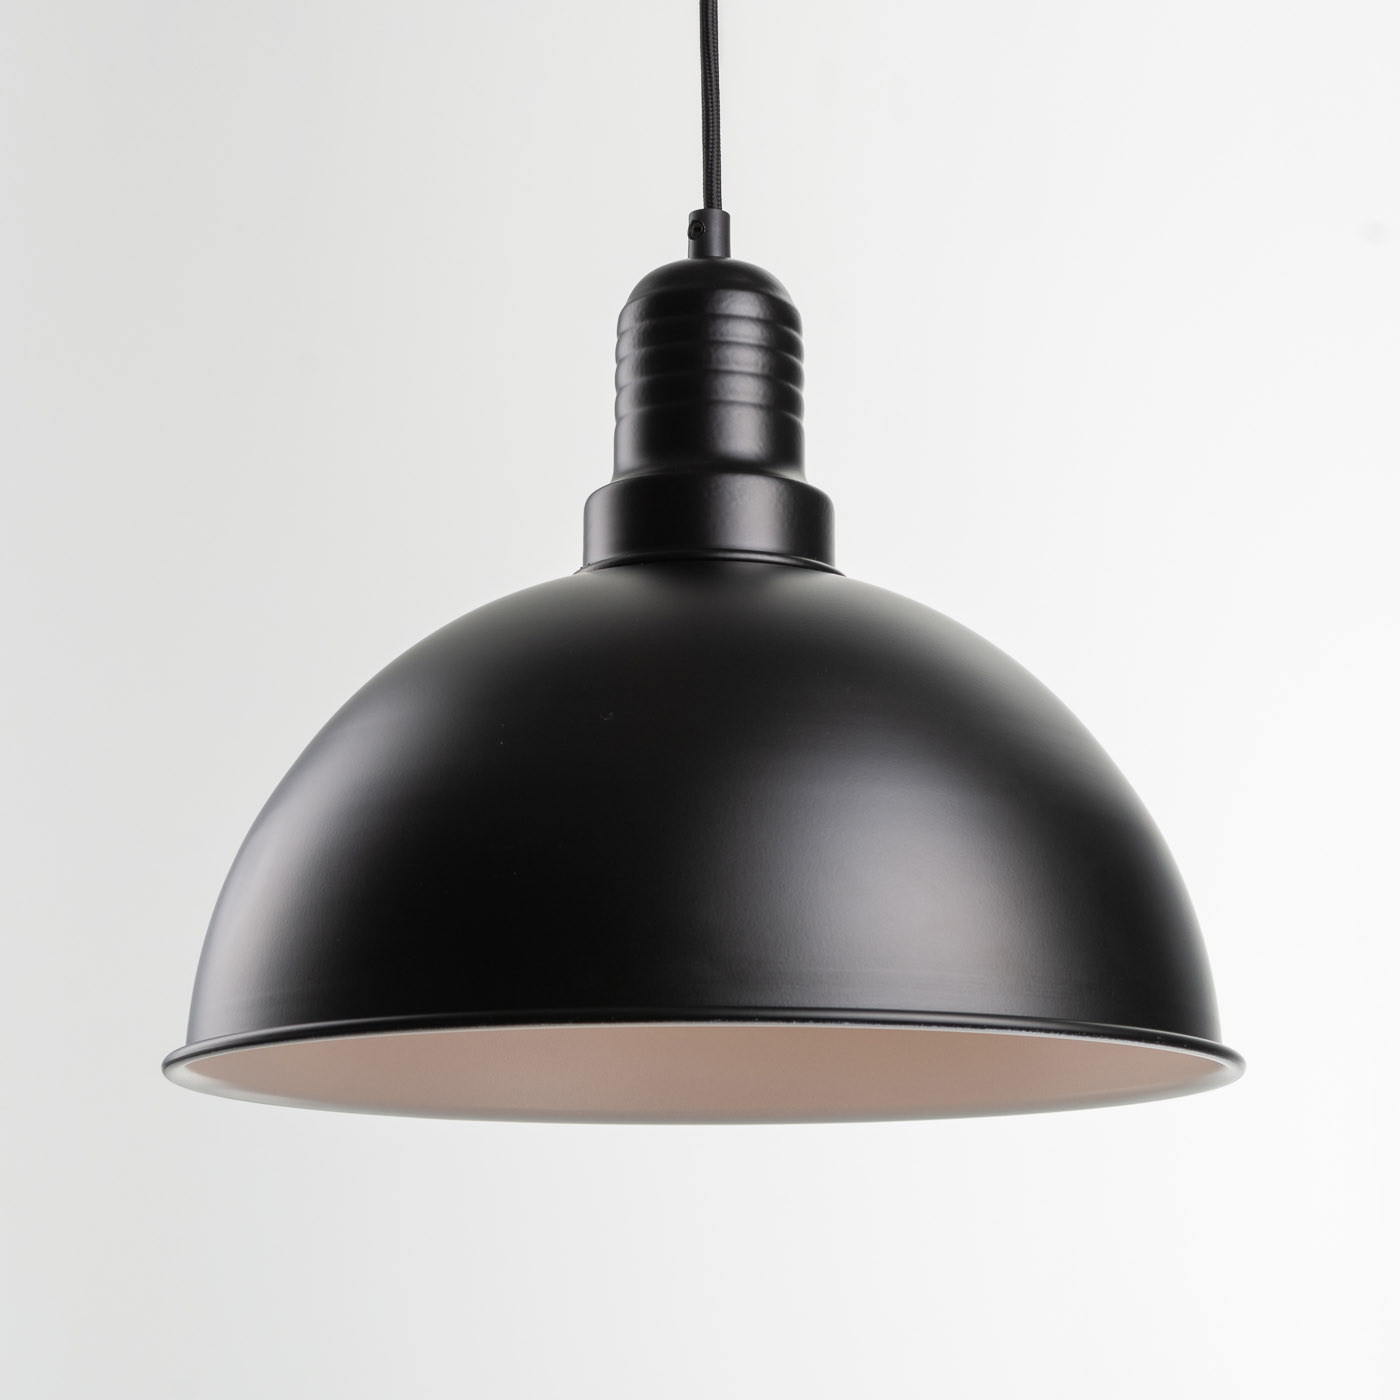 Потолочный светильник Lias черный